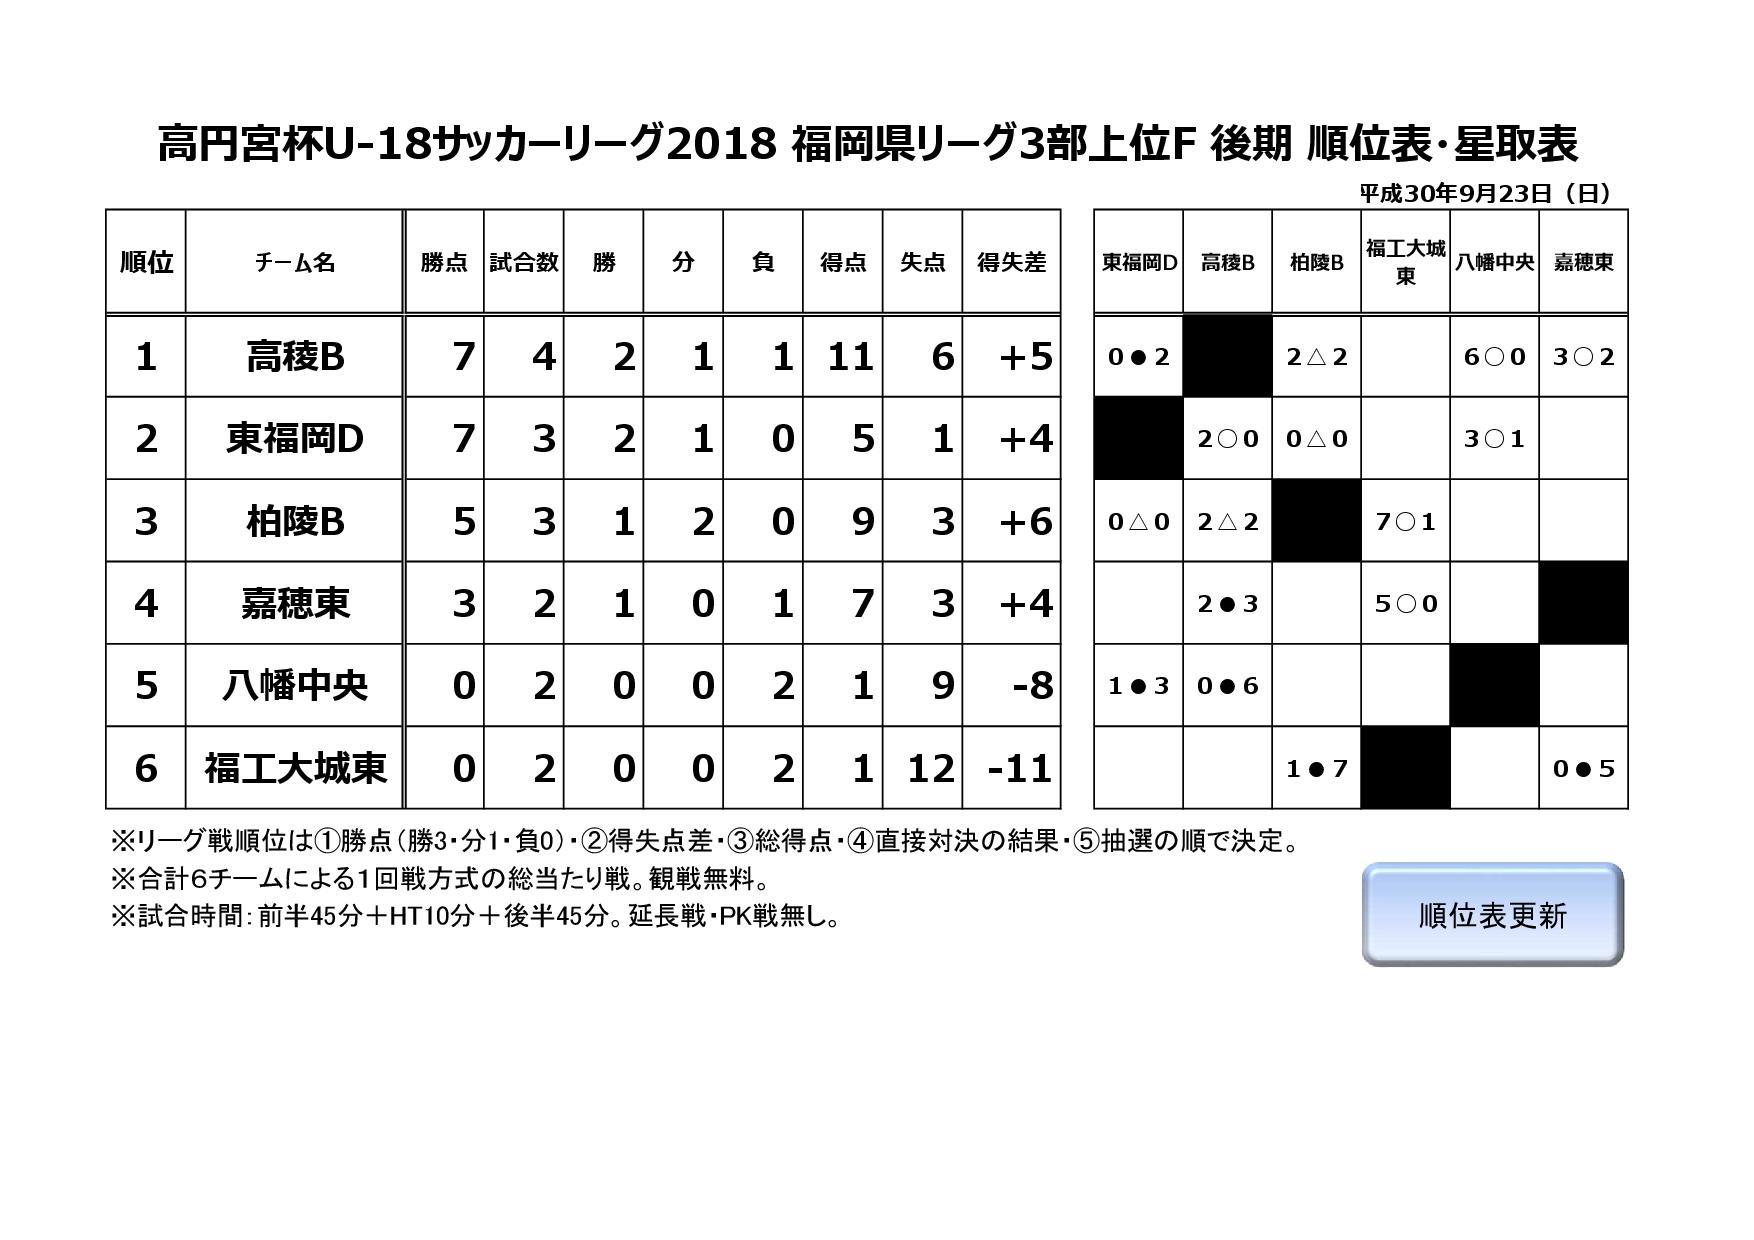 2018年度福岡県ユースサッカーリーグ3部上位F